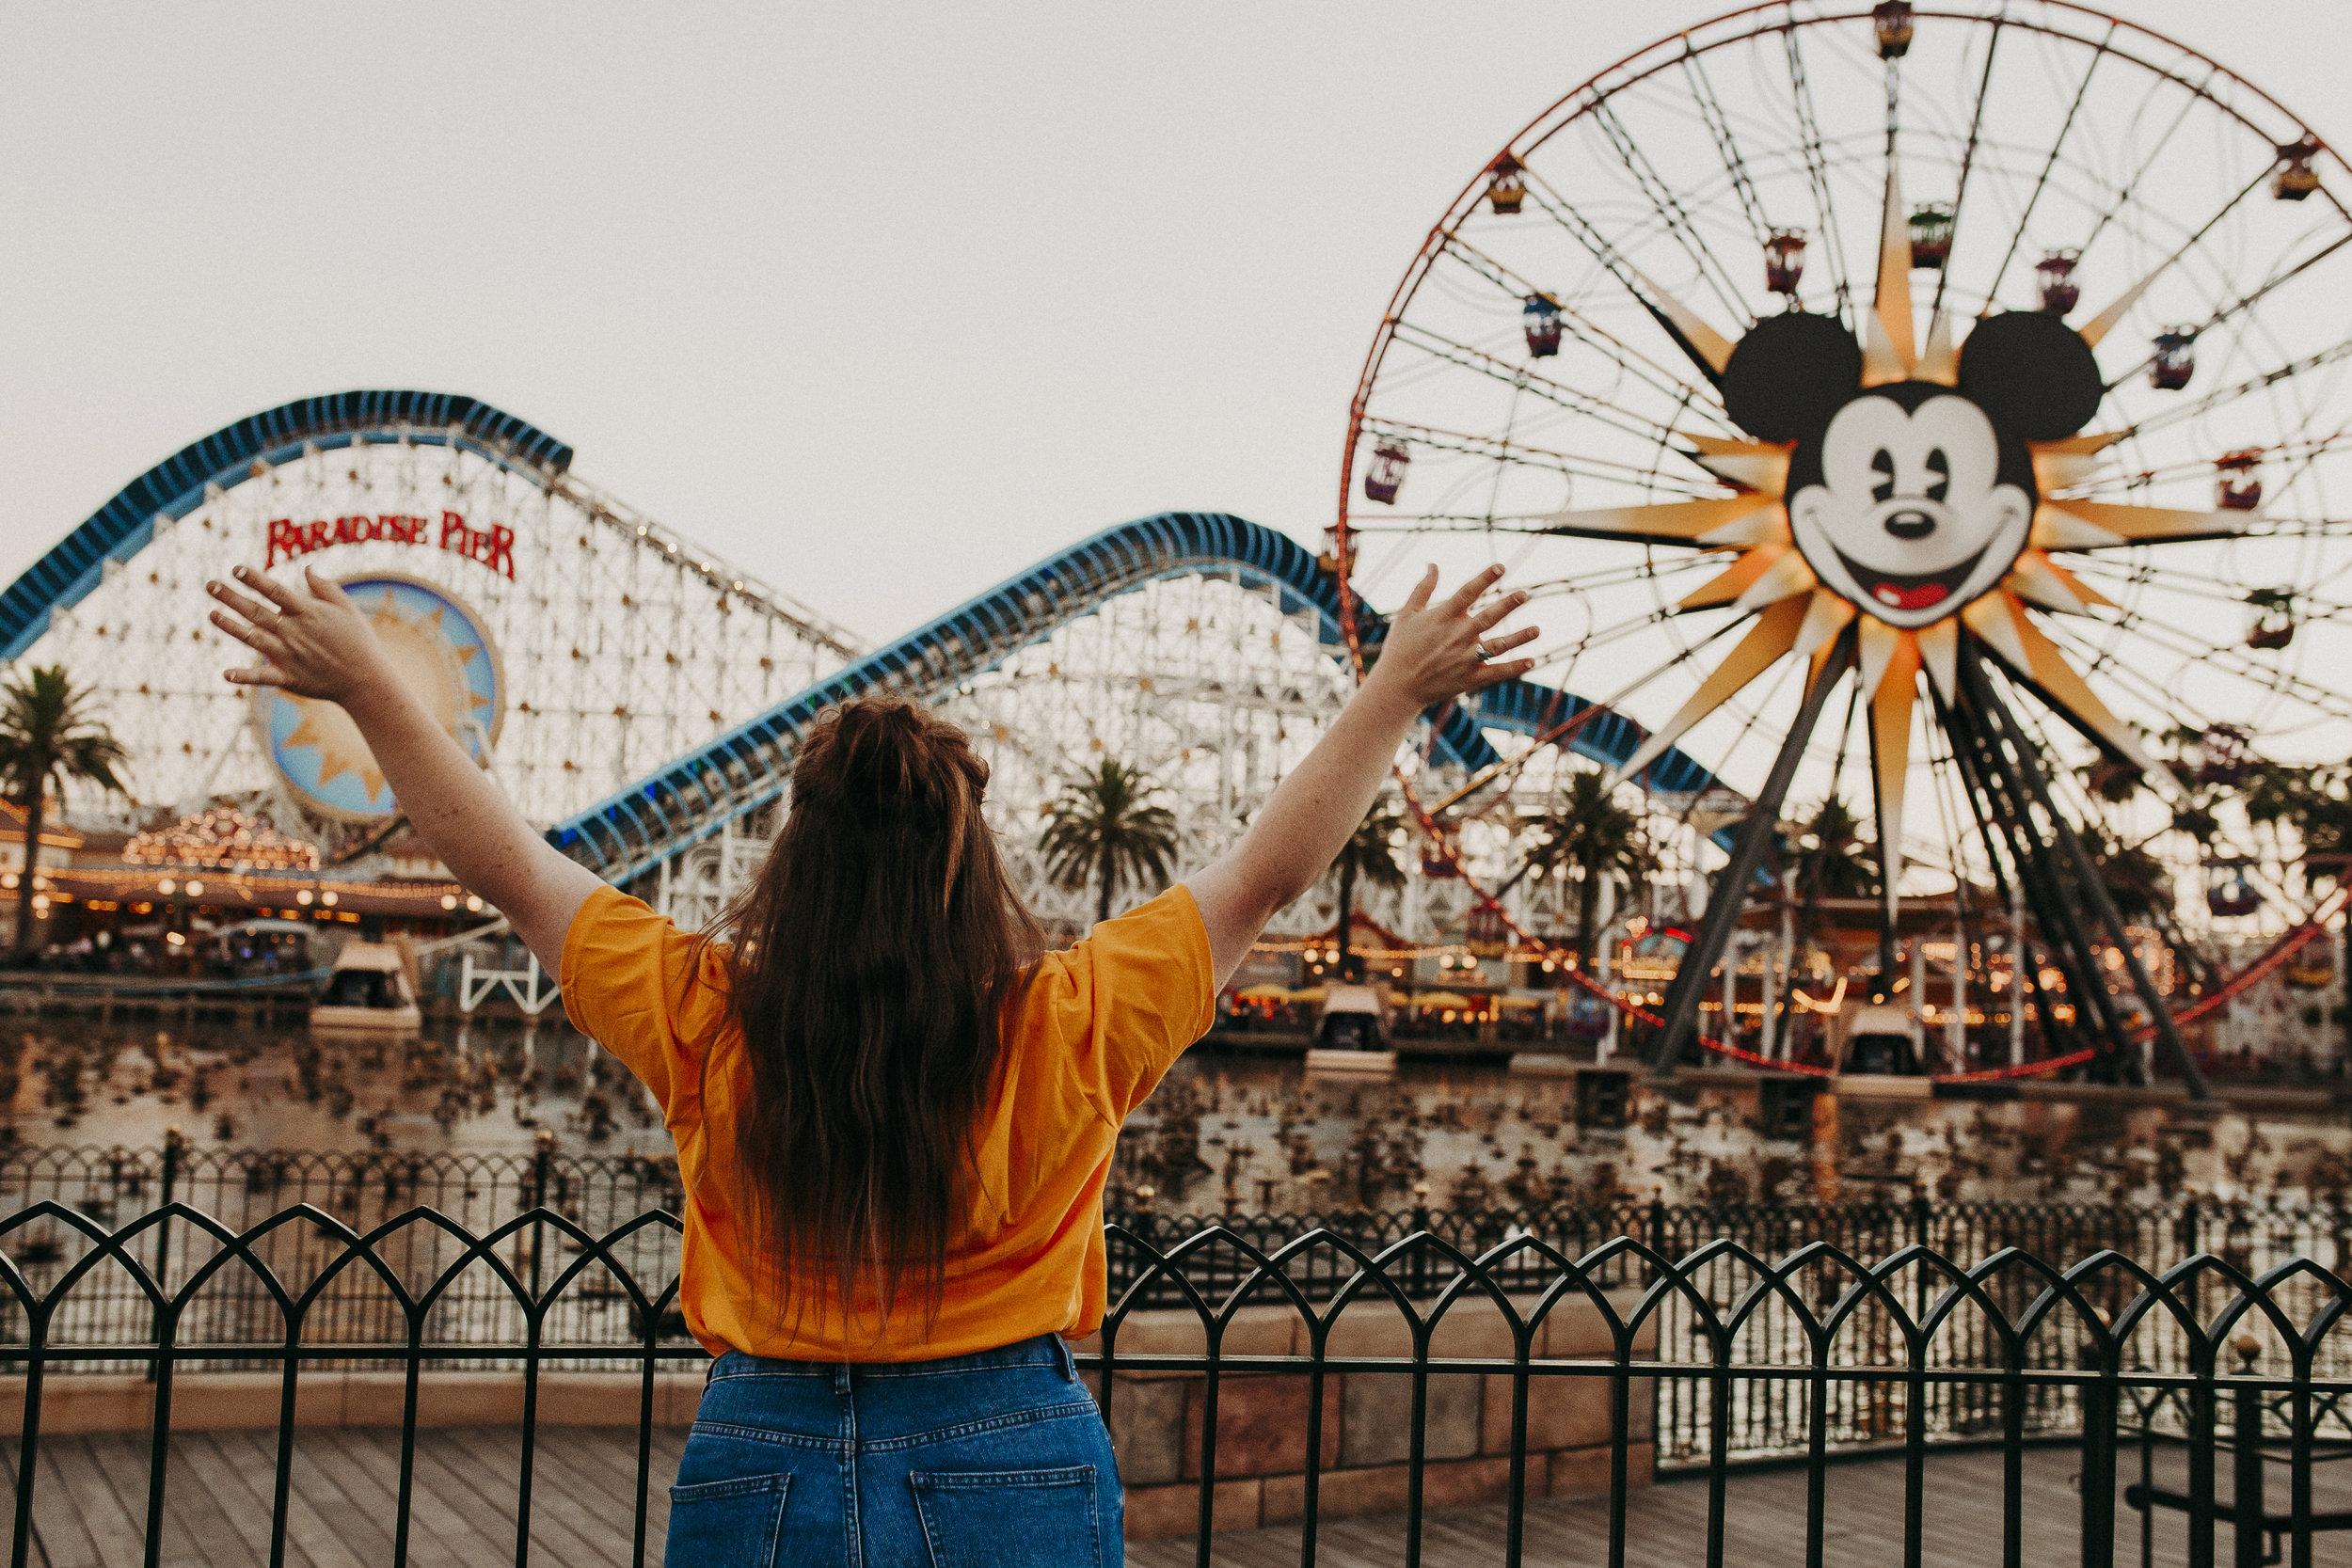 Disneys-California-Adventure-Pictures-18.jpg